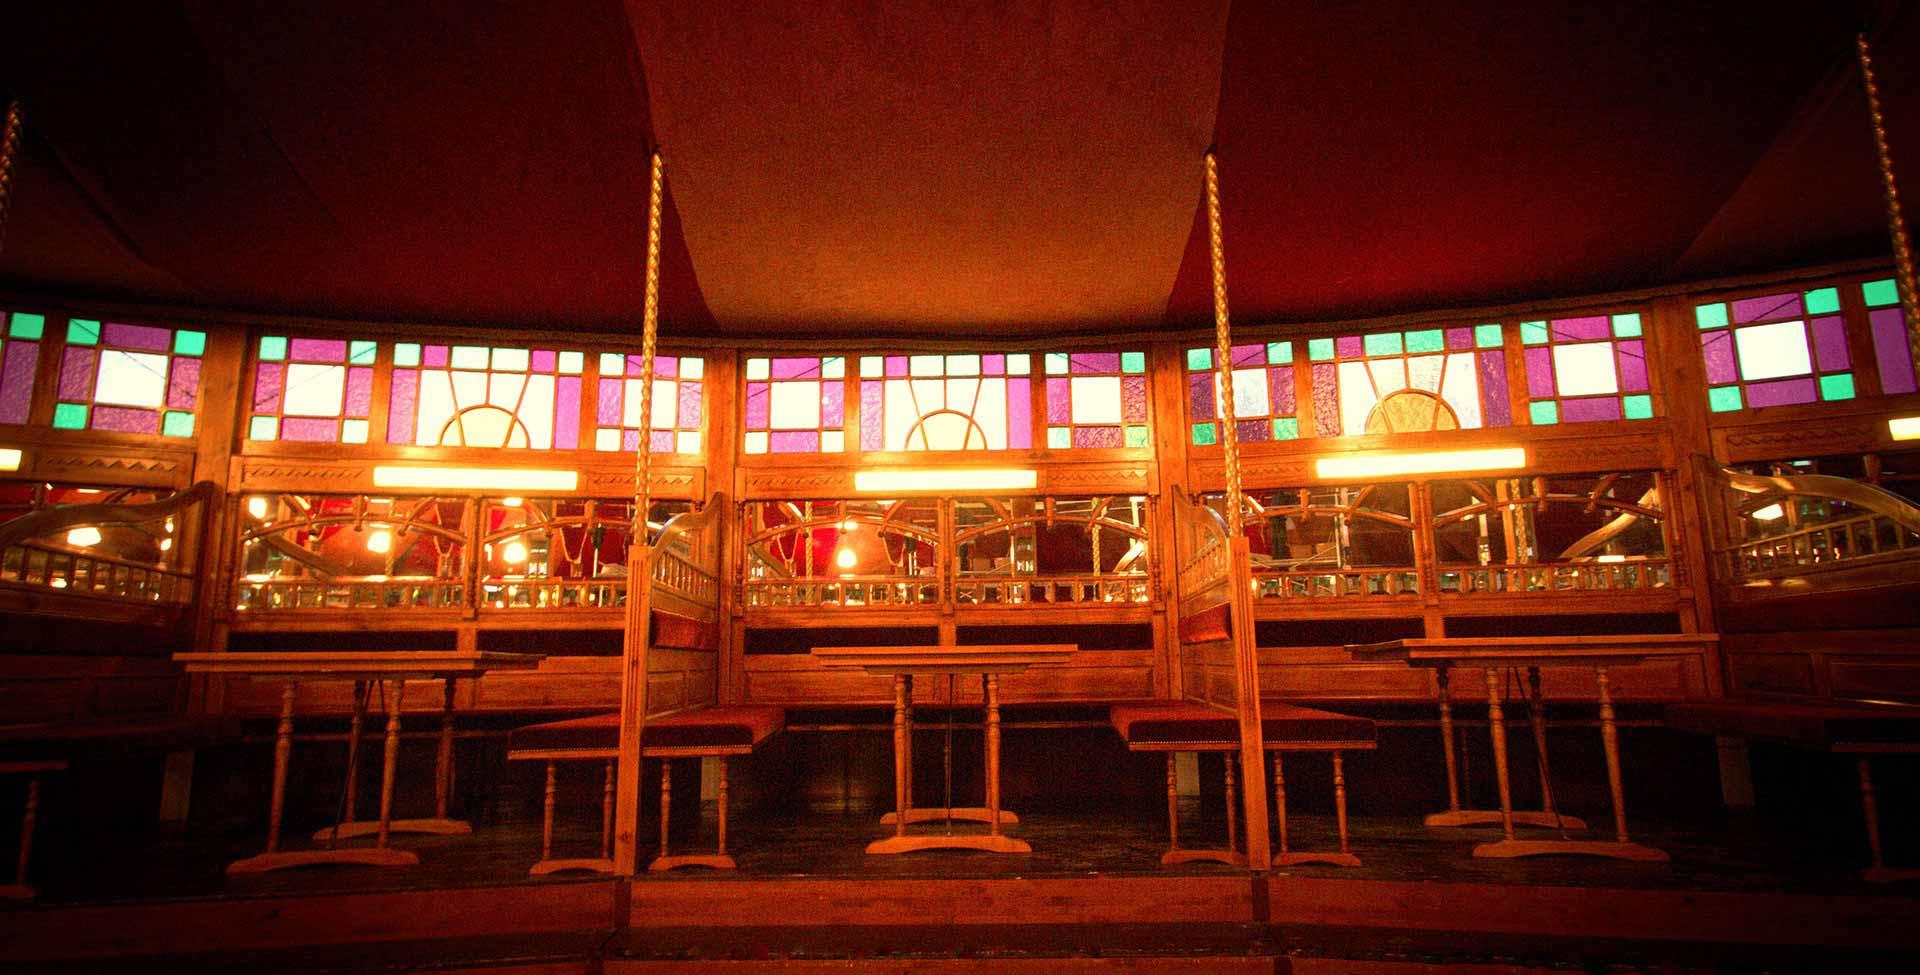 Bar spiegeltent Paradiso